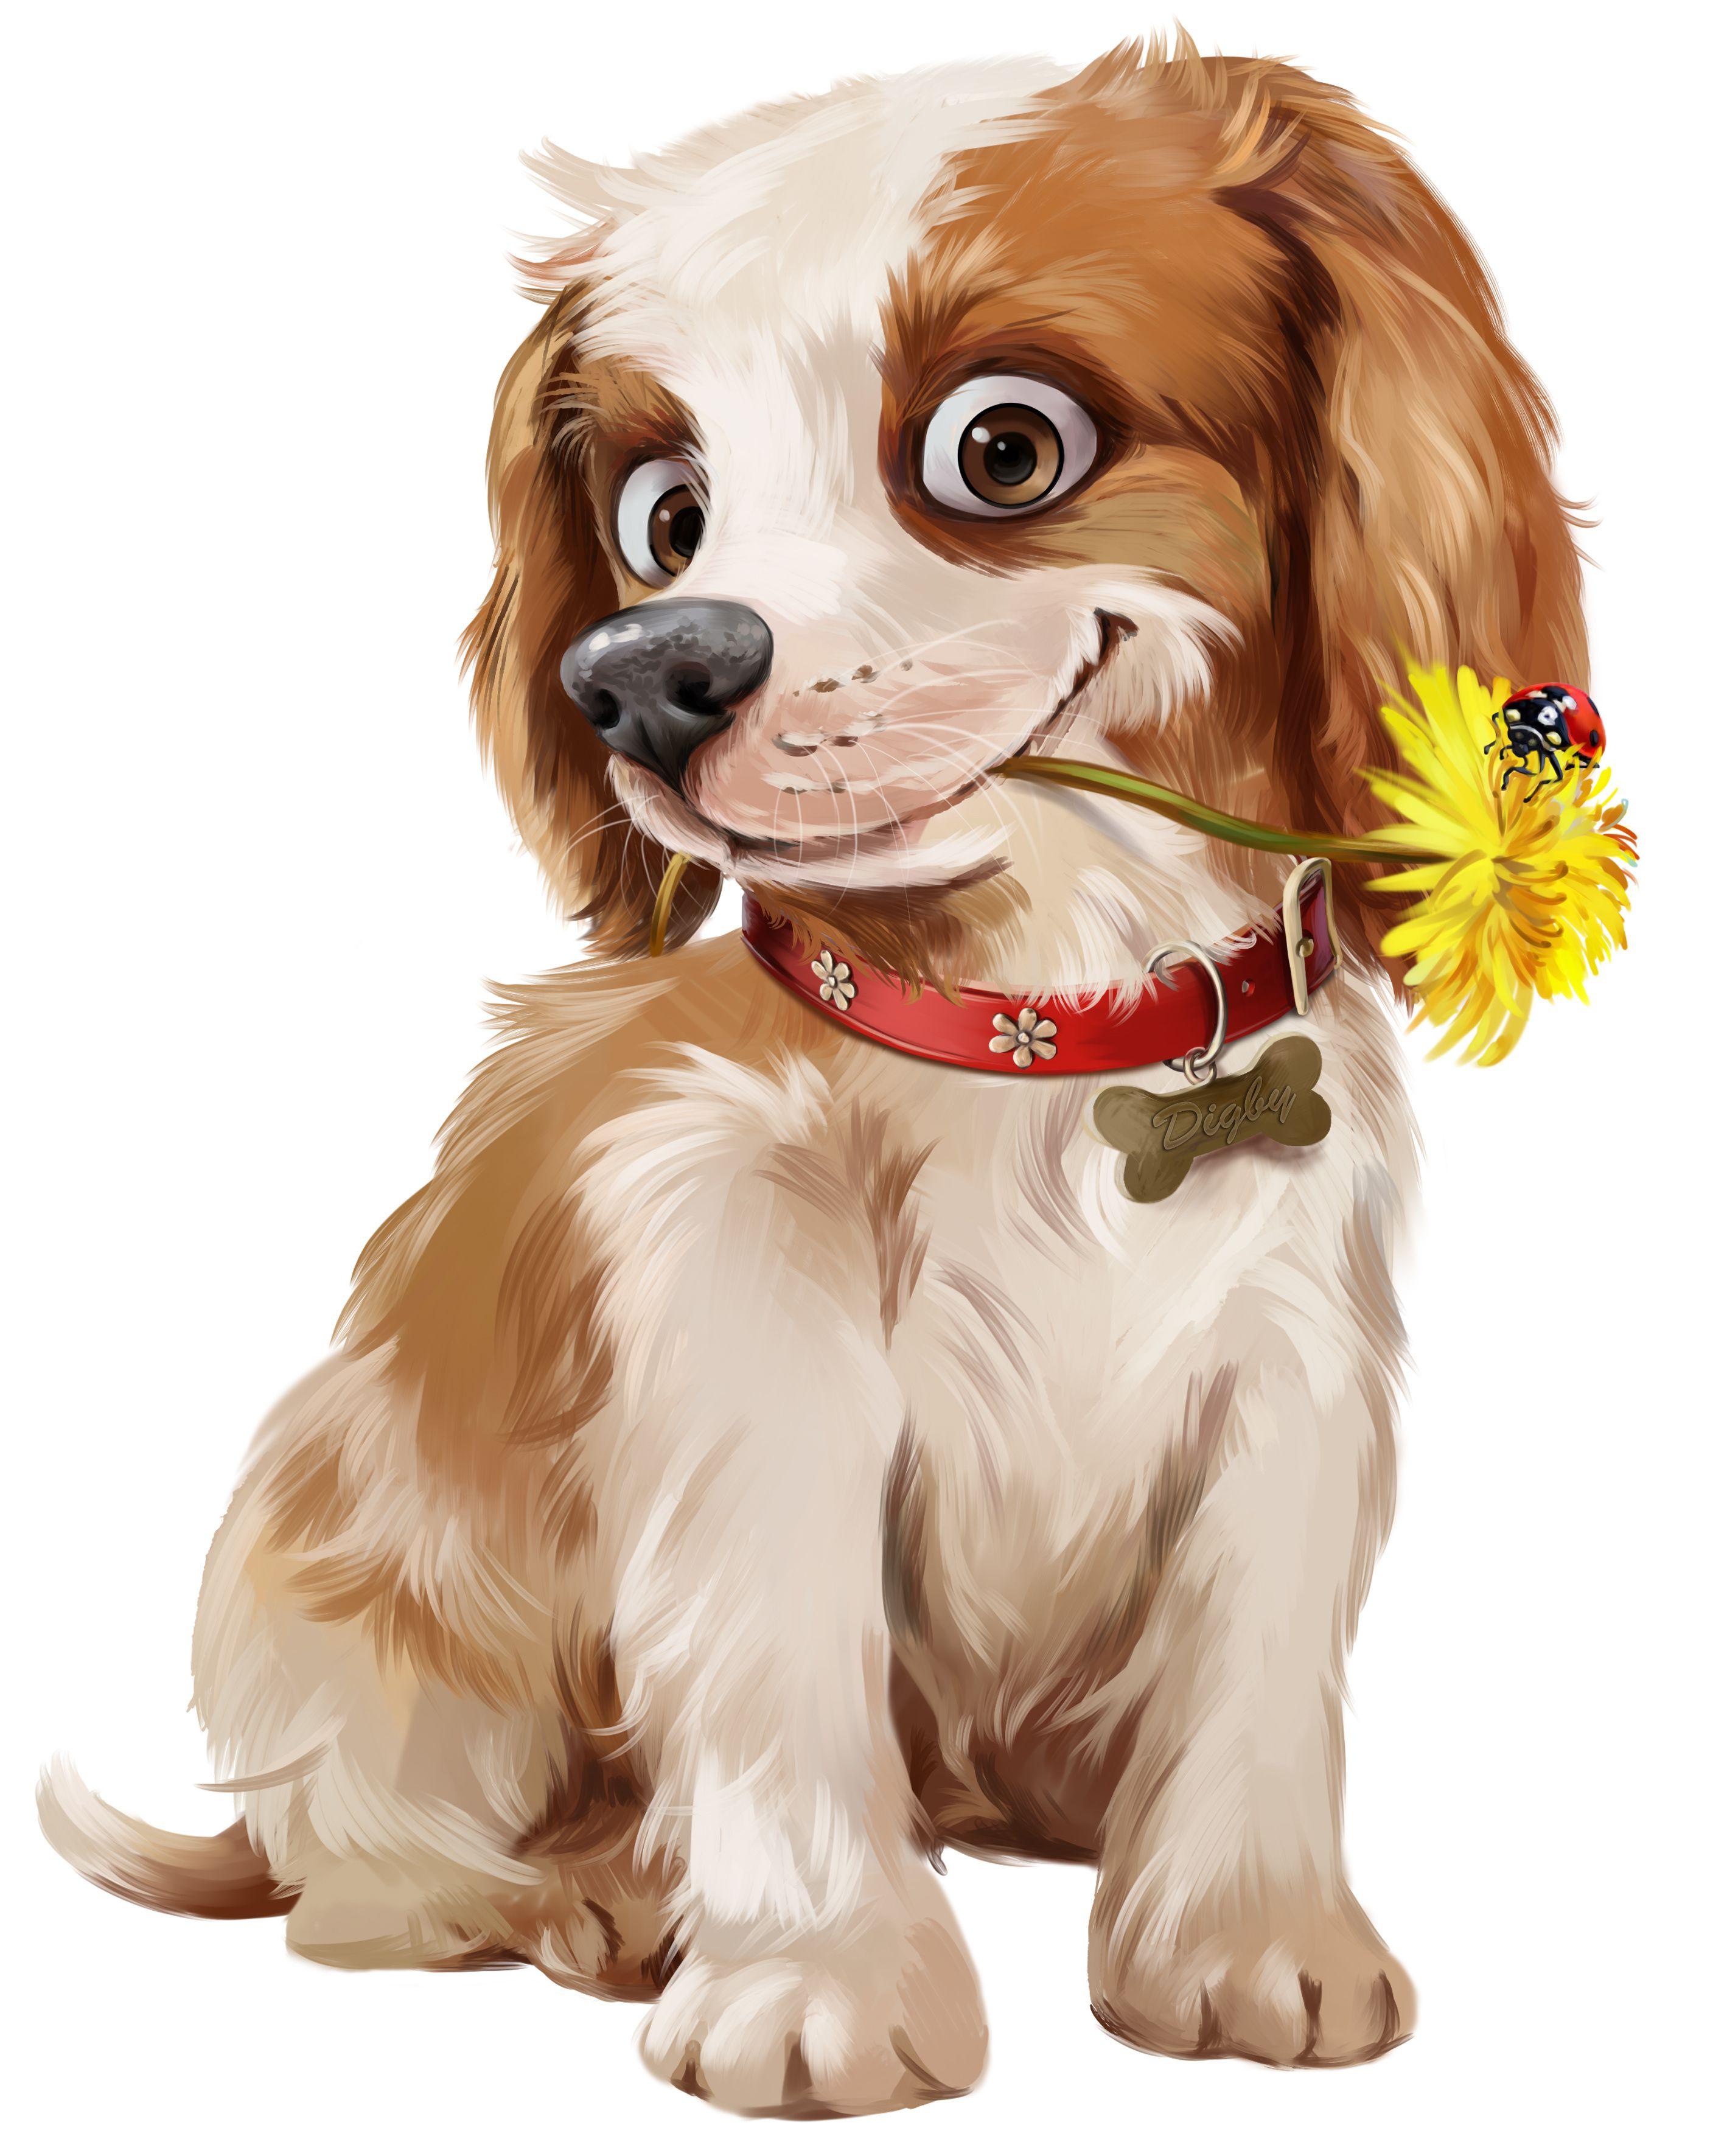 Собака смешные картинки рисунки, удачного вторника смешные